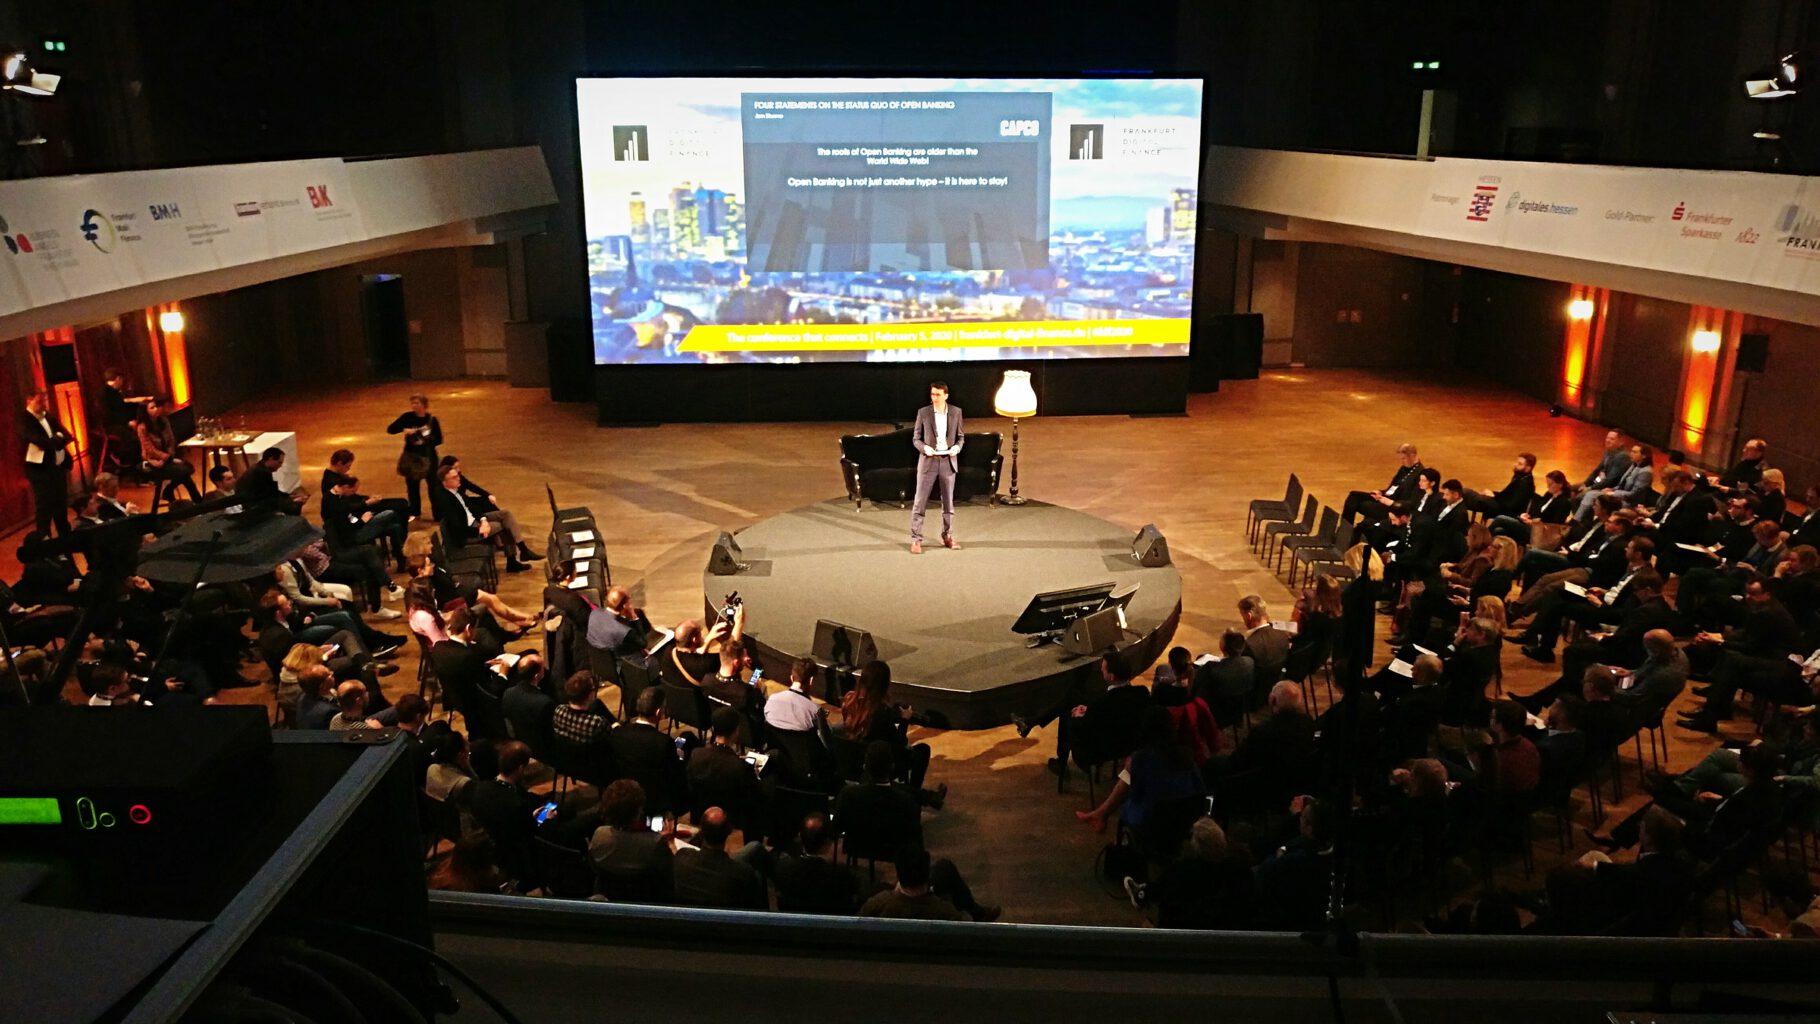 Veranstaltung MIT-Global Investors 2020 im Zoogesellschaftshaus in Frankfurt. Media Digital verantwortlich für die Medientechnik.